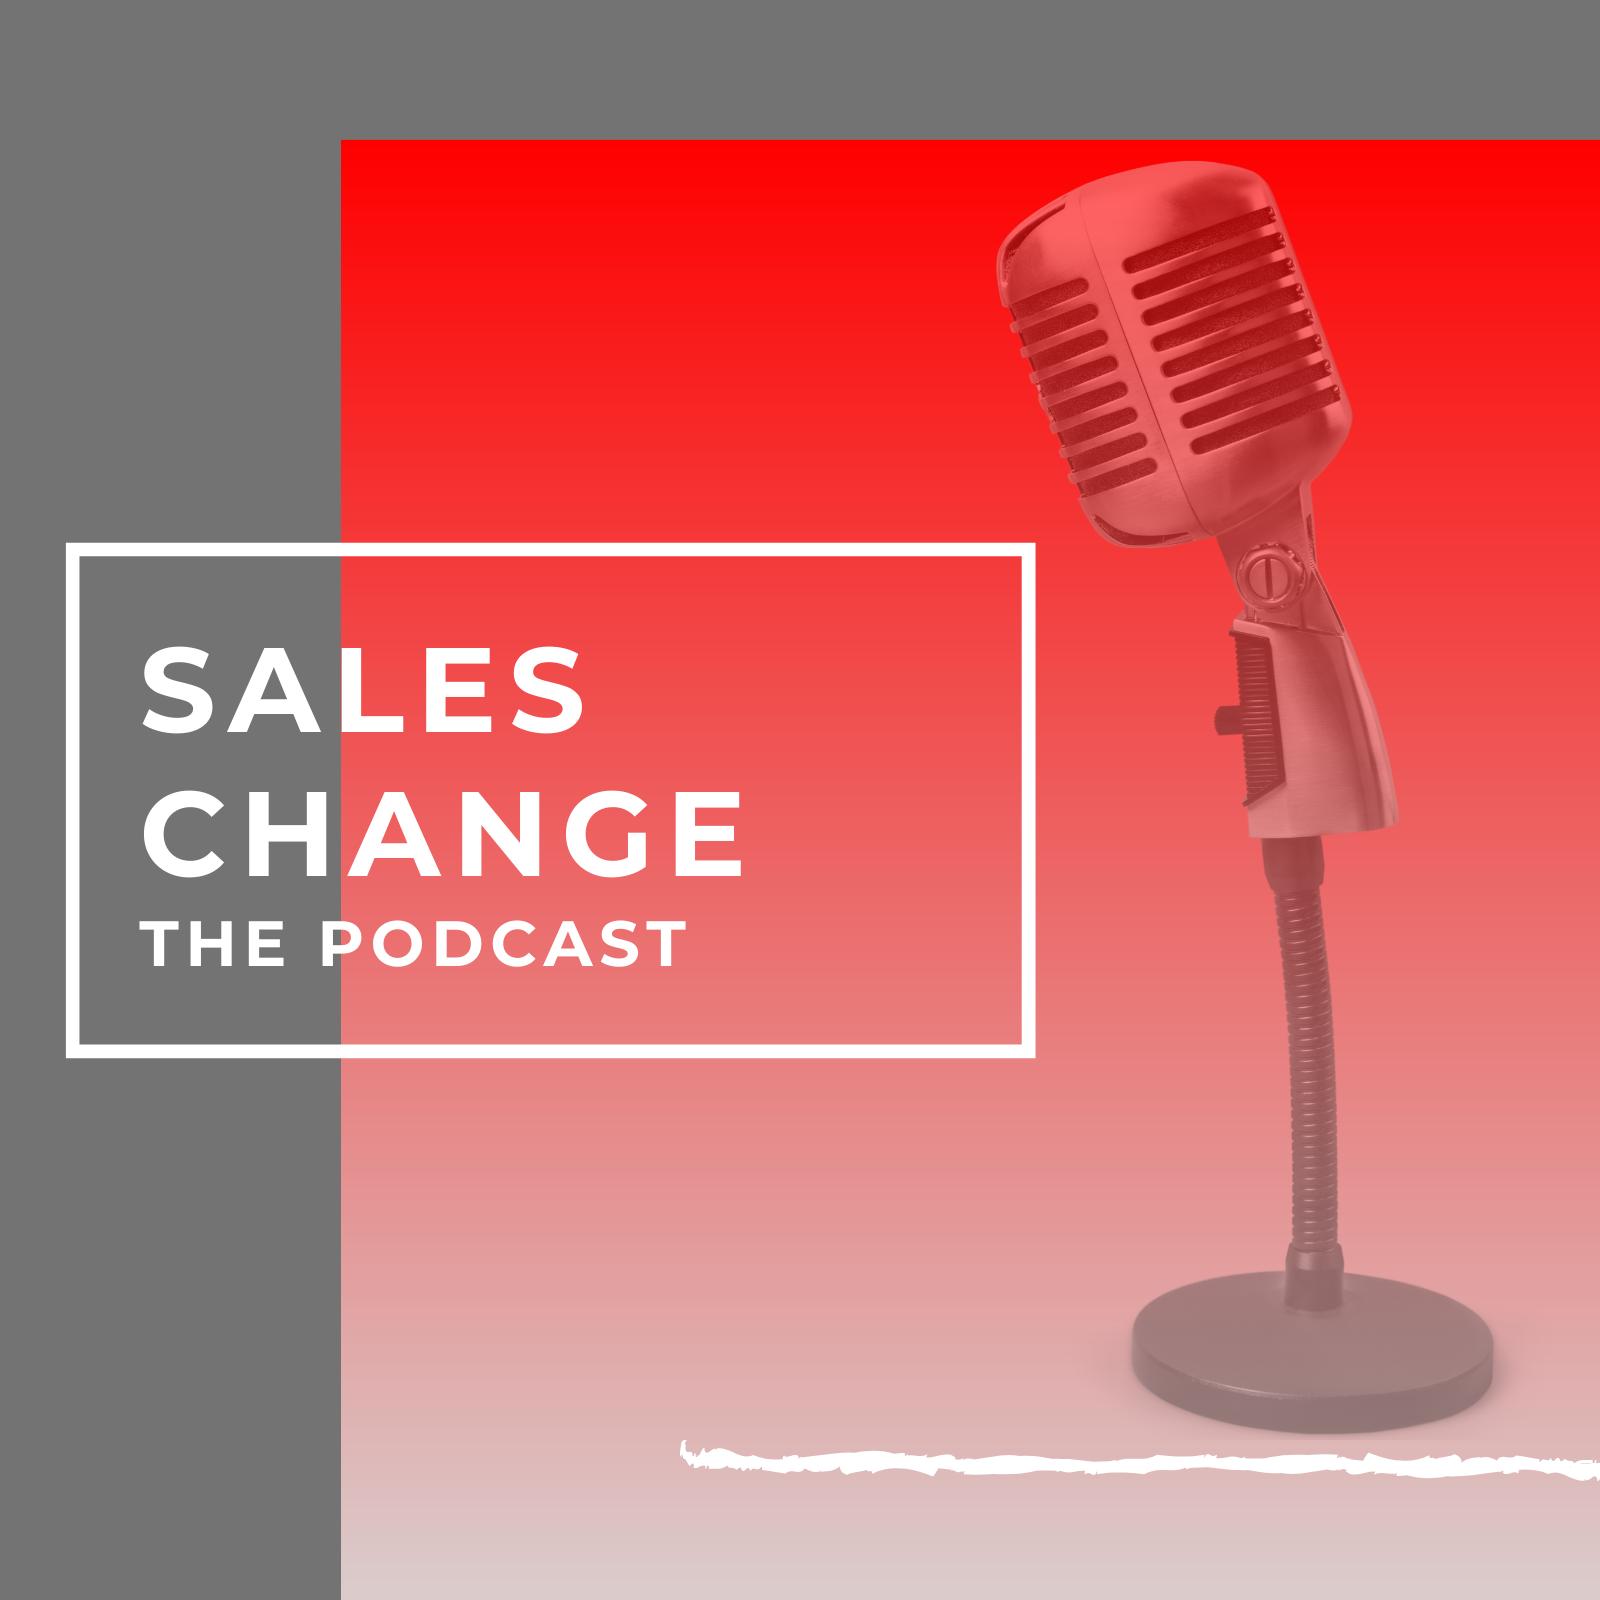 SalesChange - The Podcast show art